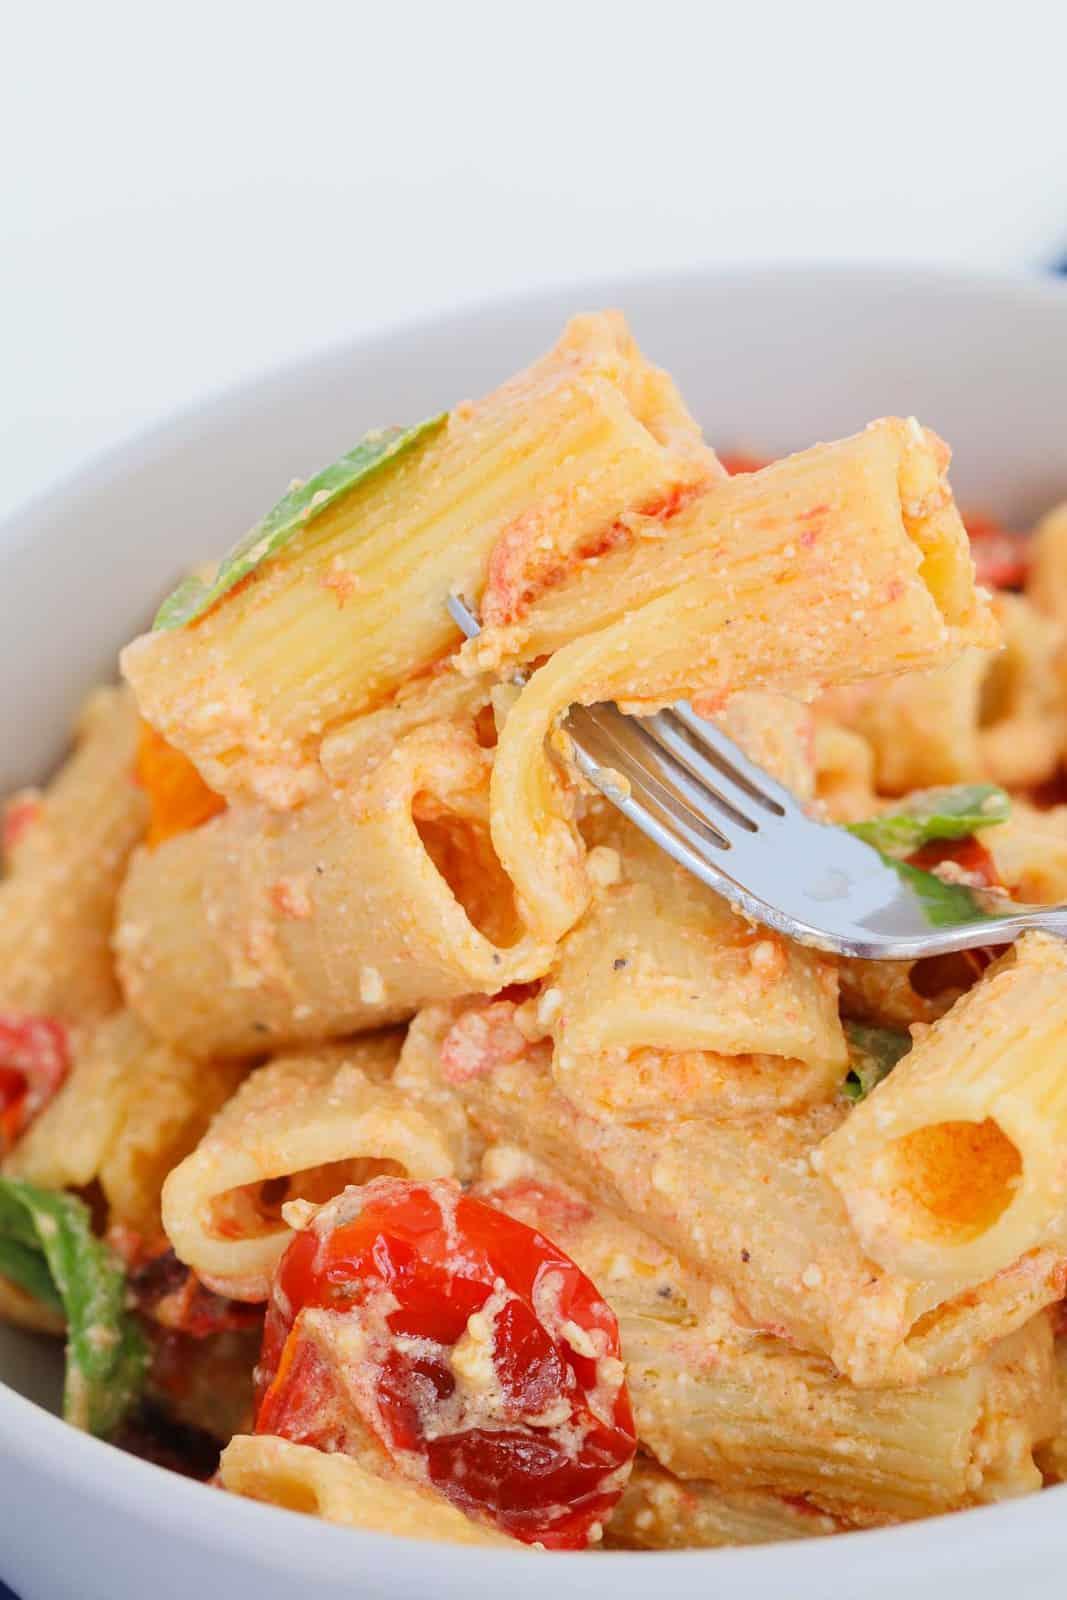 A bowl of Tik Tok tomato & feta pasta with a forkful of pasta.